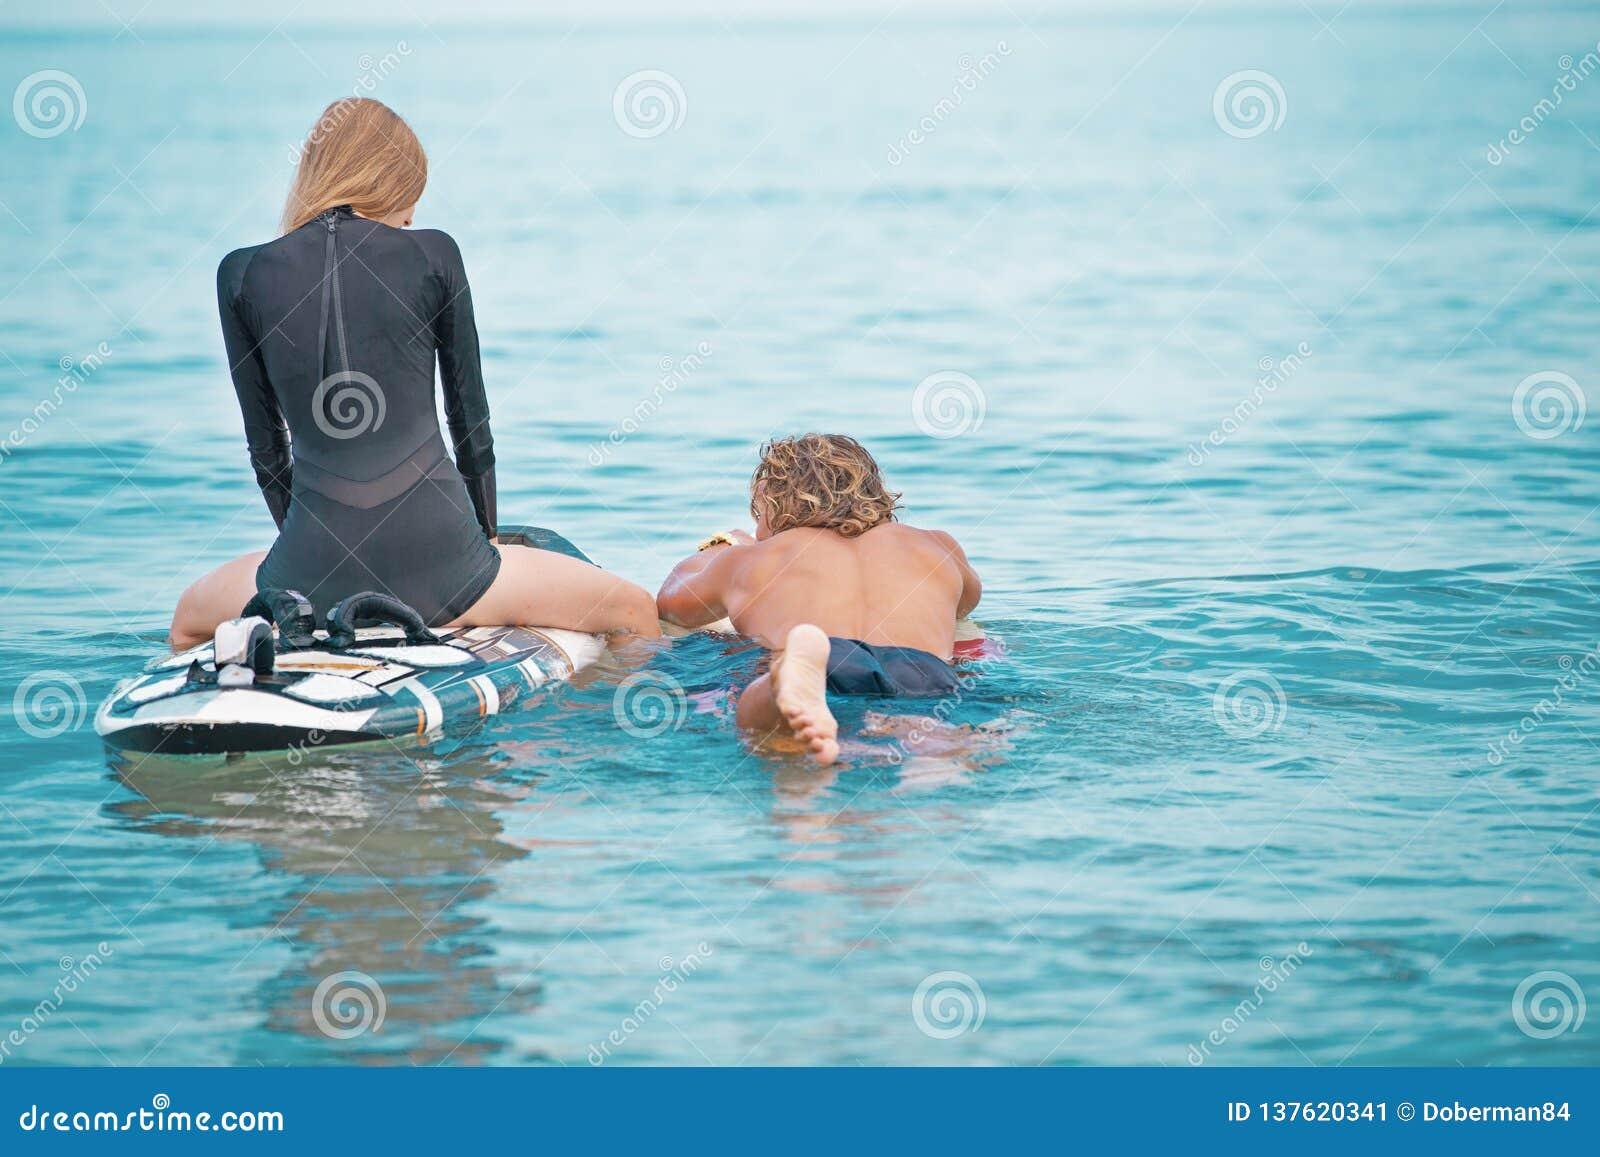 冲浪者海滩微笑的夫妇的冲浪者游泳和获得乐趣在夏天 极限运动和假期概念